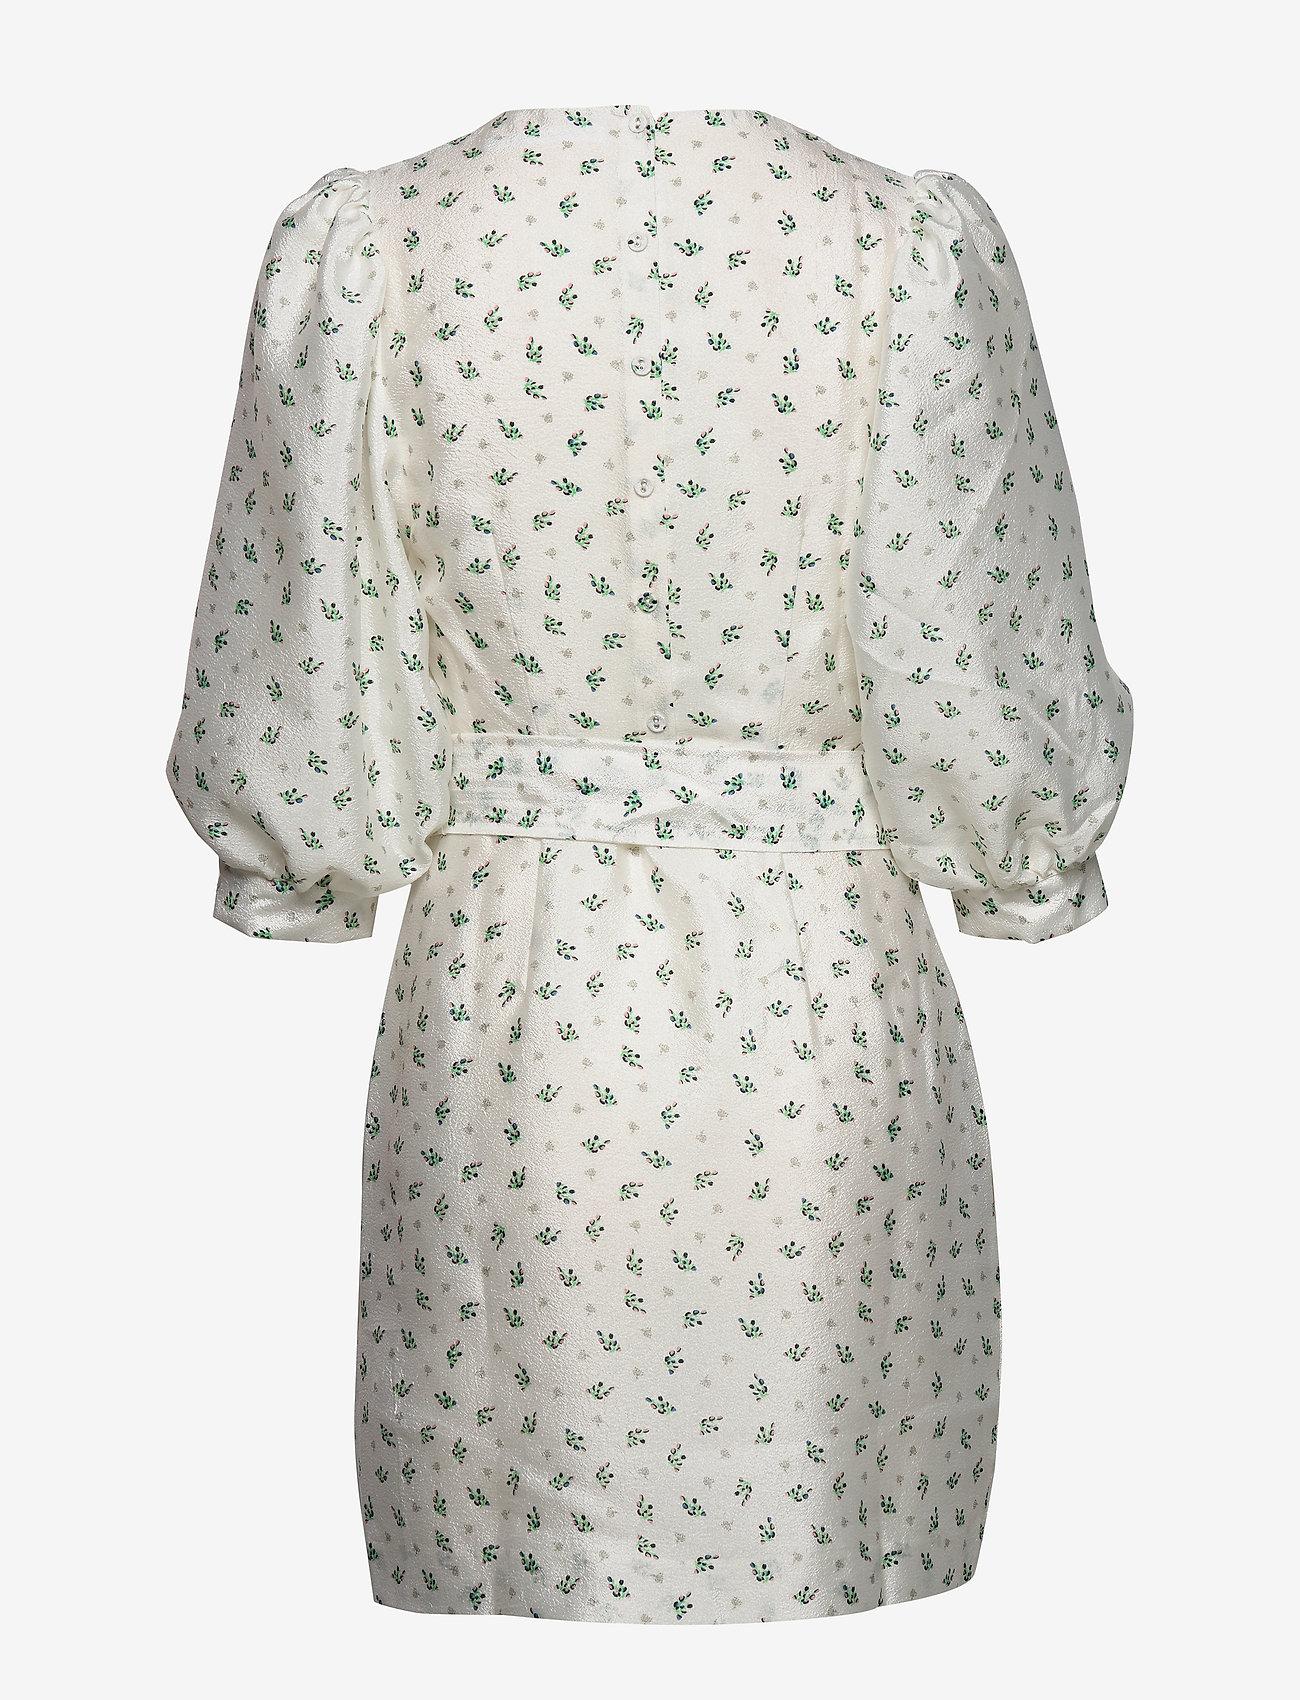 Henrietta Dress Aop 11244 (Crocus) (179 €) - Samsøe Samsøe 0EhDz